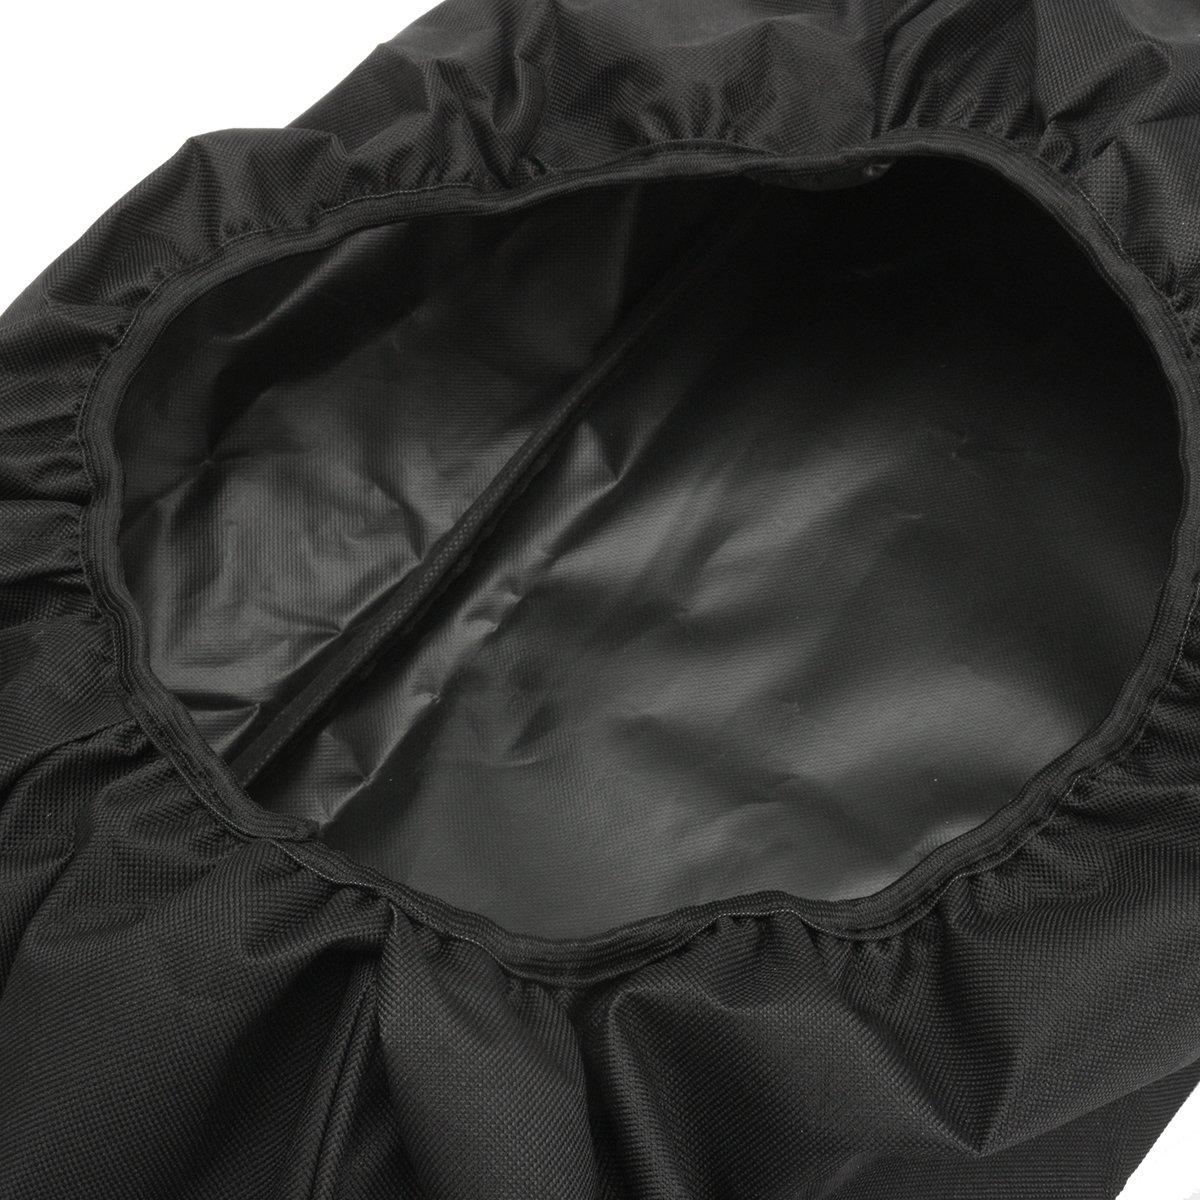 Merssavo 600D Oxford Winch Cubierta de Polvo Protecci/ón Superior a Prueba de Polvo Impermeable y UV y Resistente al Moho Cubierta de Protecci/ón del Torno de 8.500 a 17.500 Libras